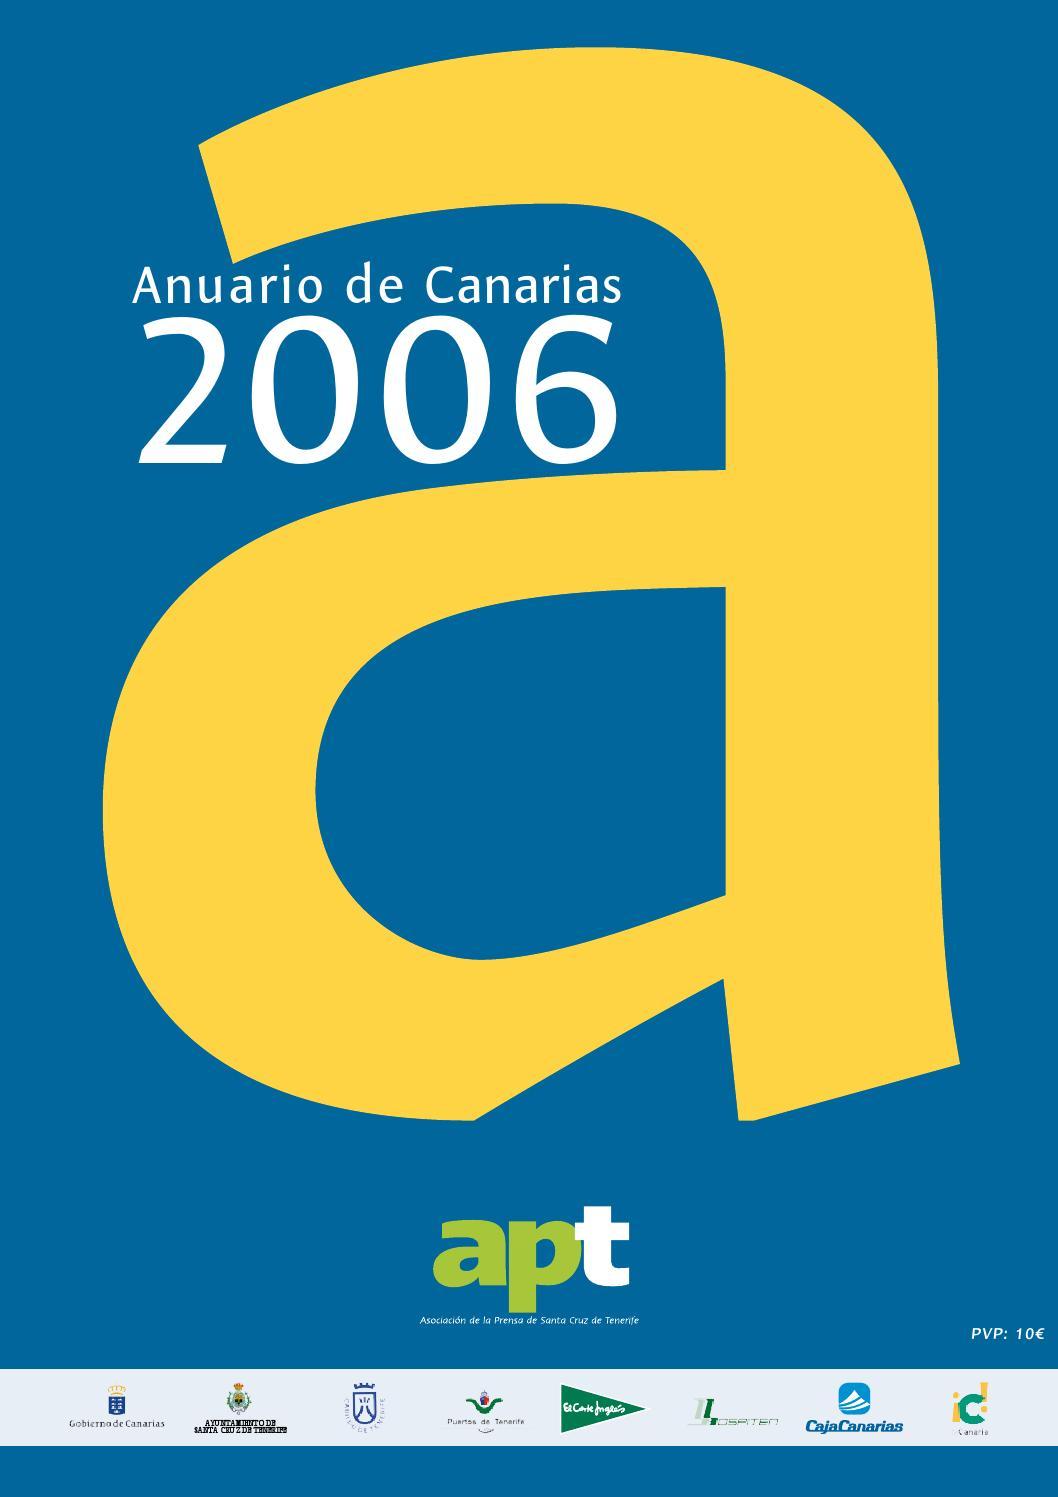 Anuario de Canarias 2006 by Asociación de la Prensa de Santa Cruz de ...